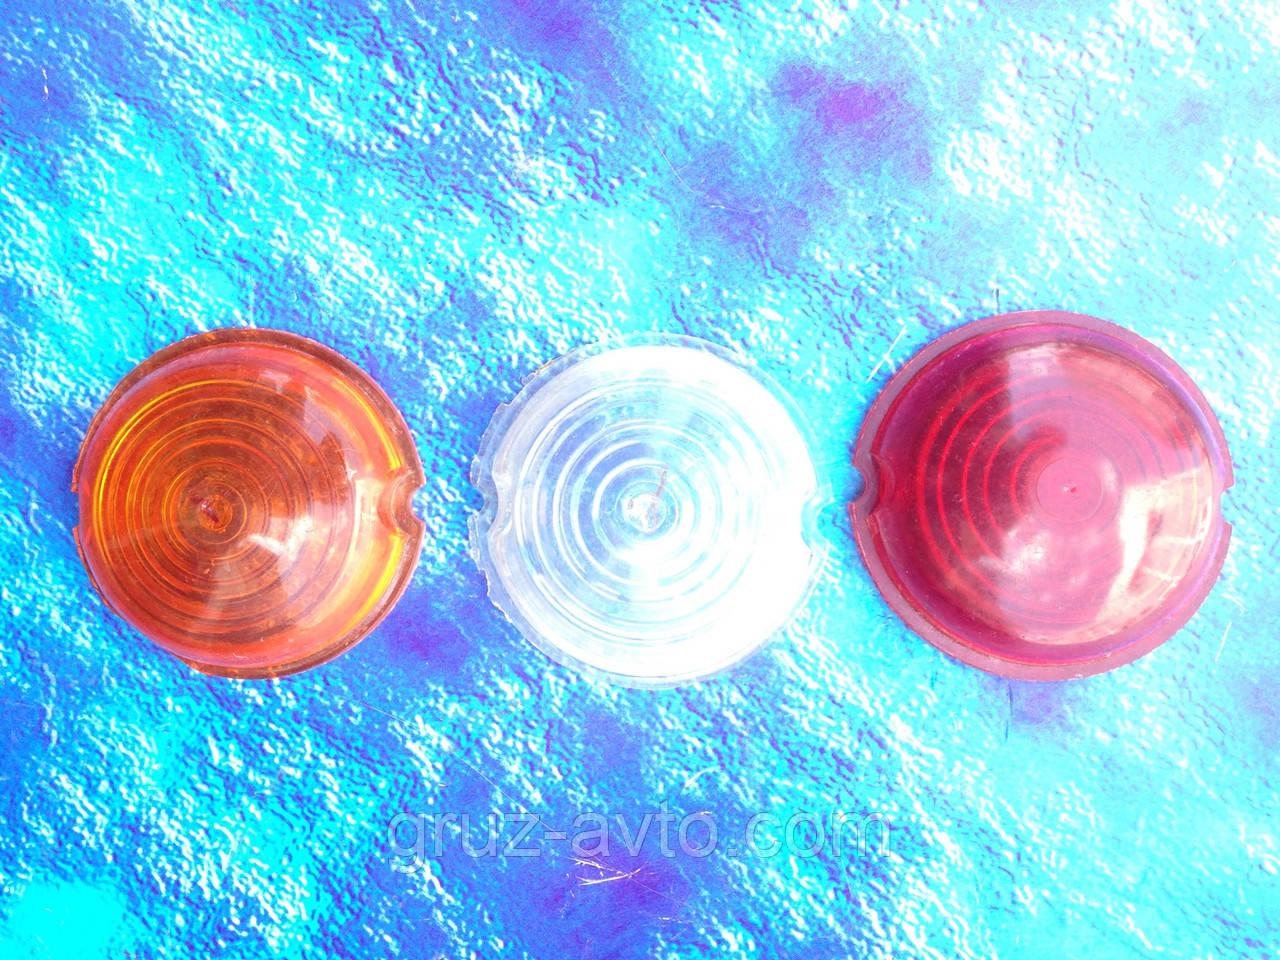 Стекло пластиковое фонаря УП-5/ указатель поворотов ГАЗ/ЗИЛ/УАЗ/ цвет- белый'оранжевый'красный